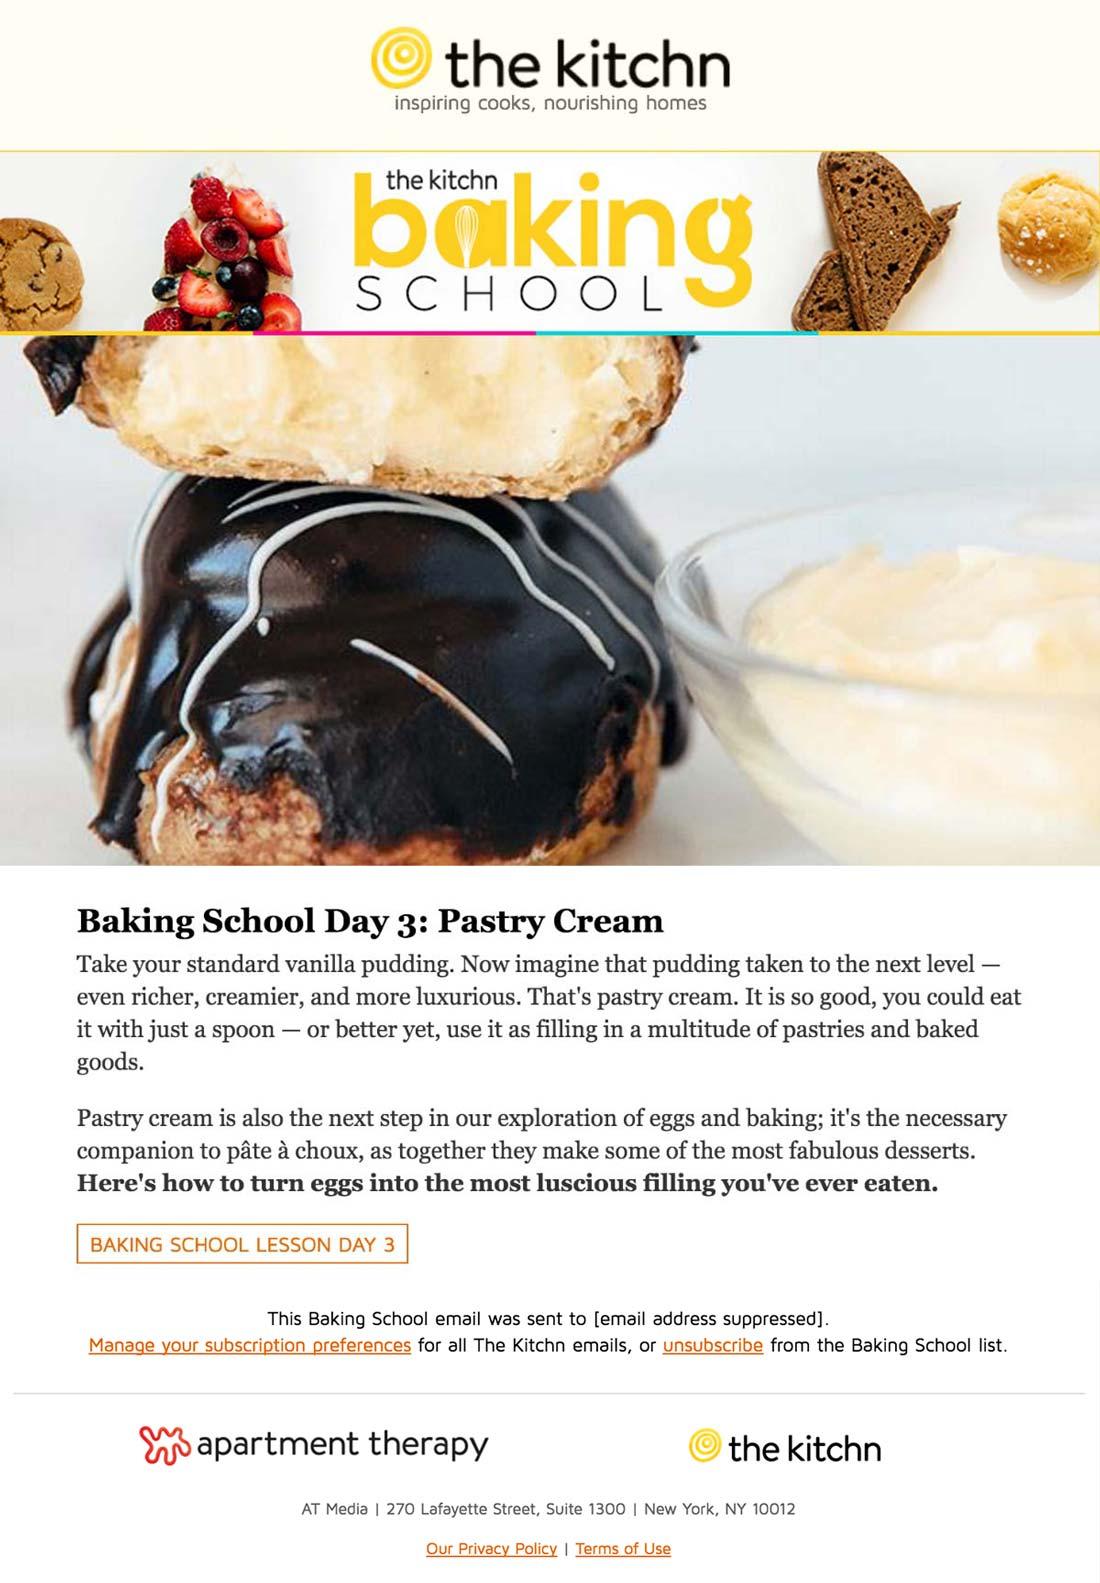 Sử dụng hiệu quả email tự động về bài học làm bánh của Apartment Therapy